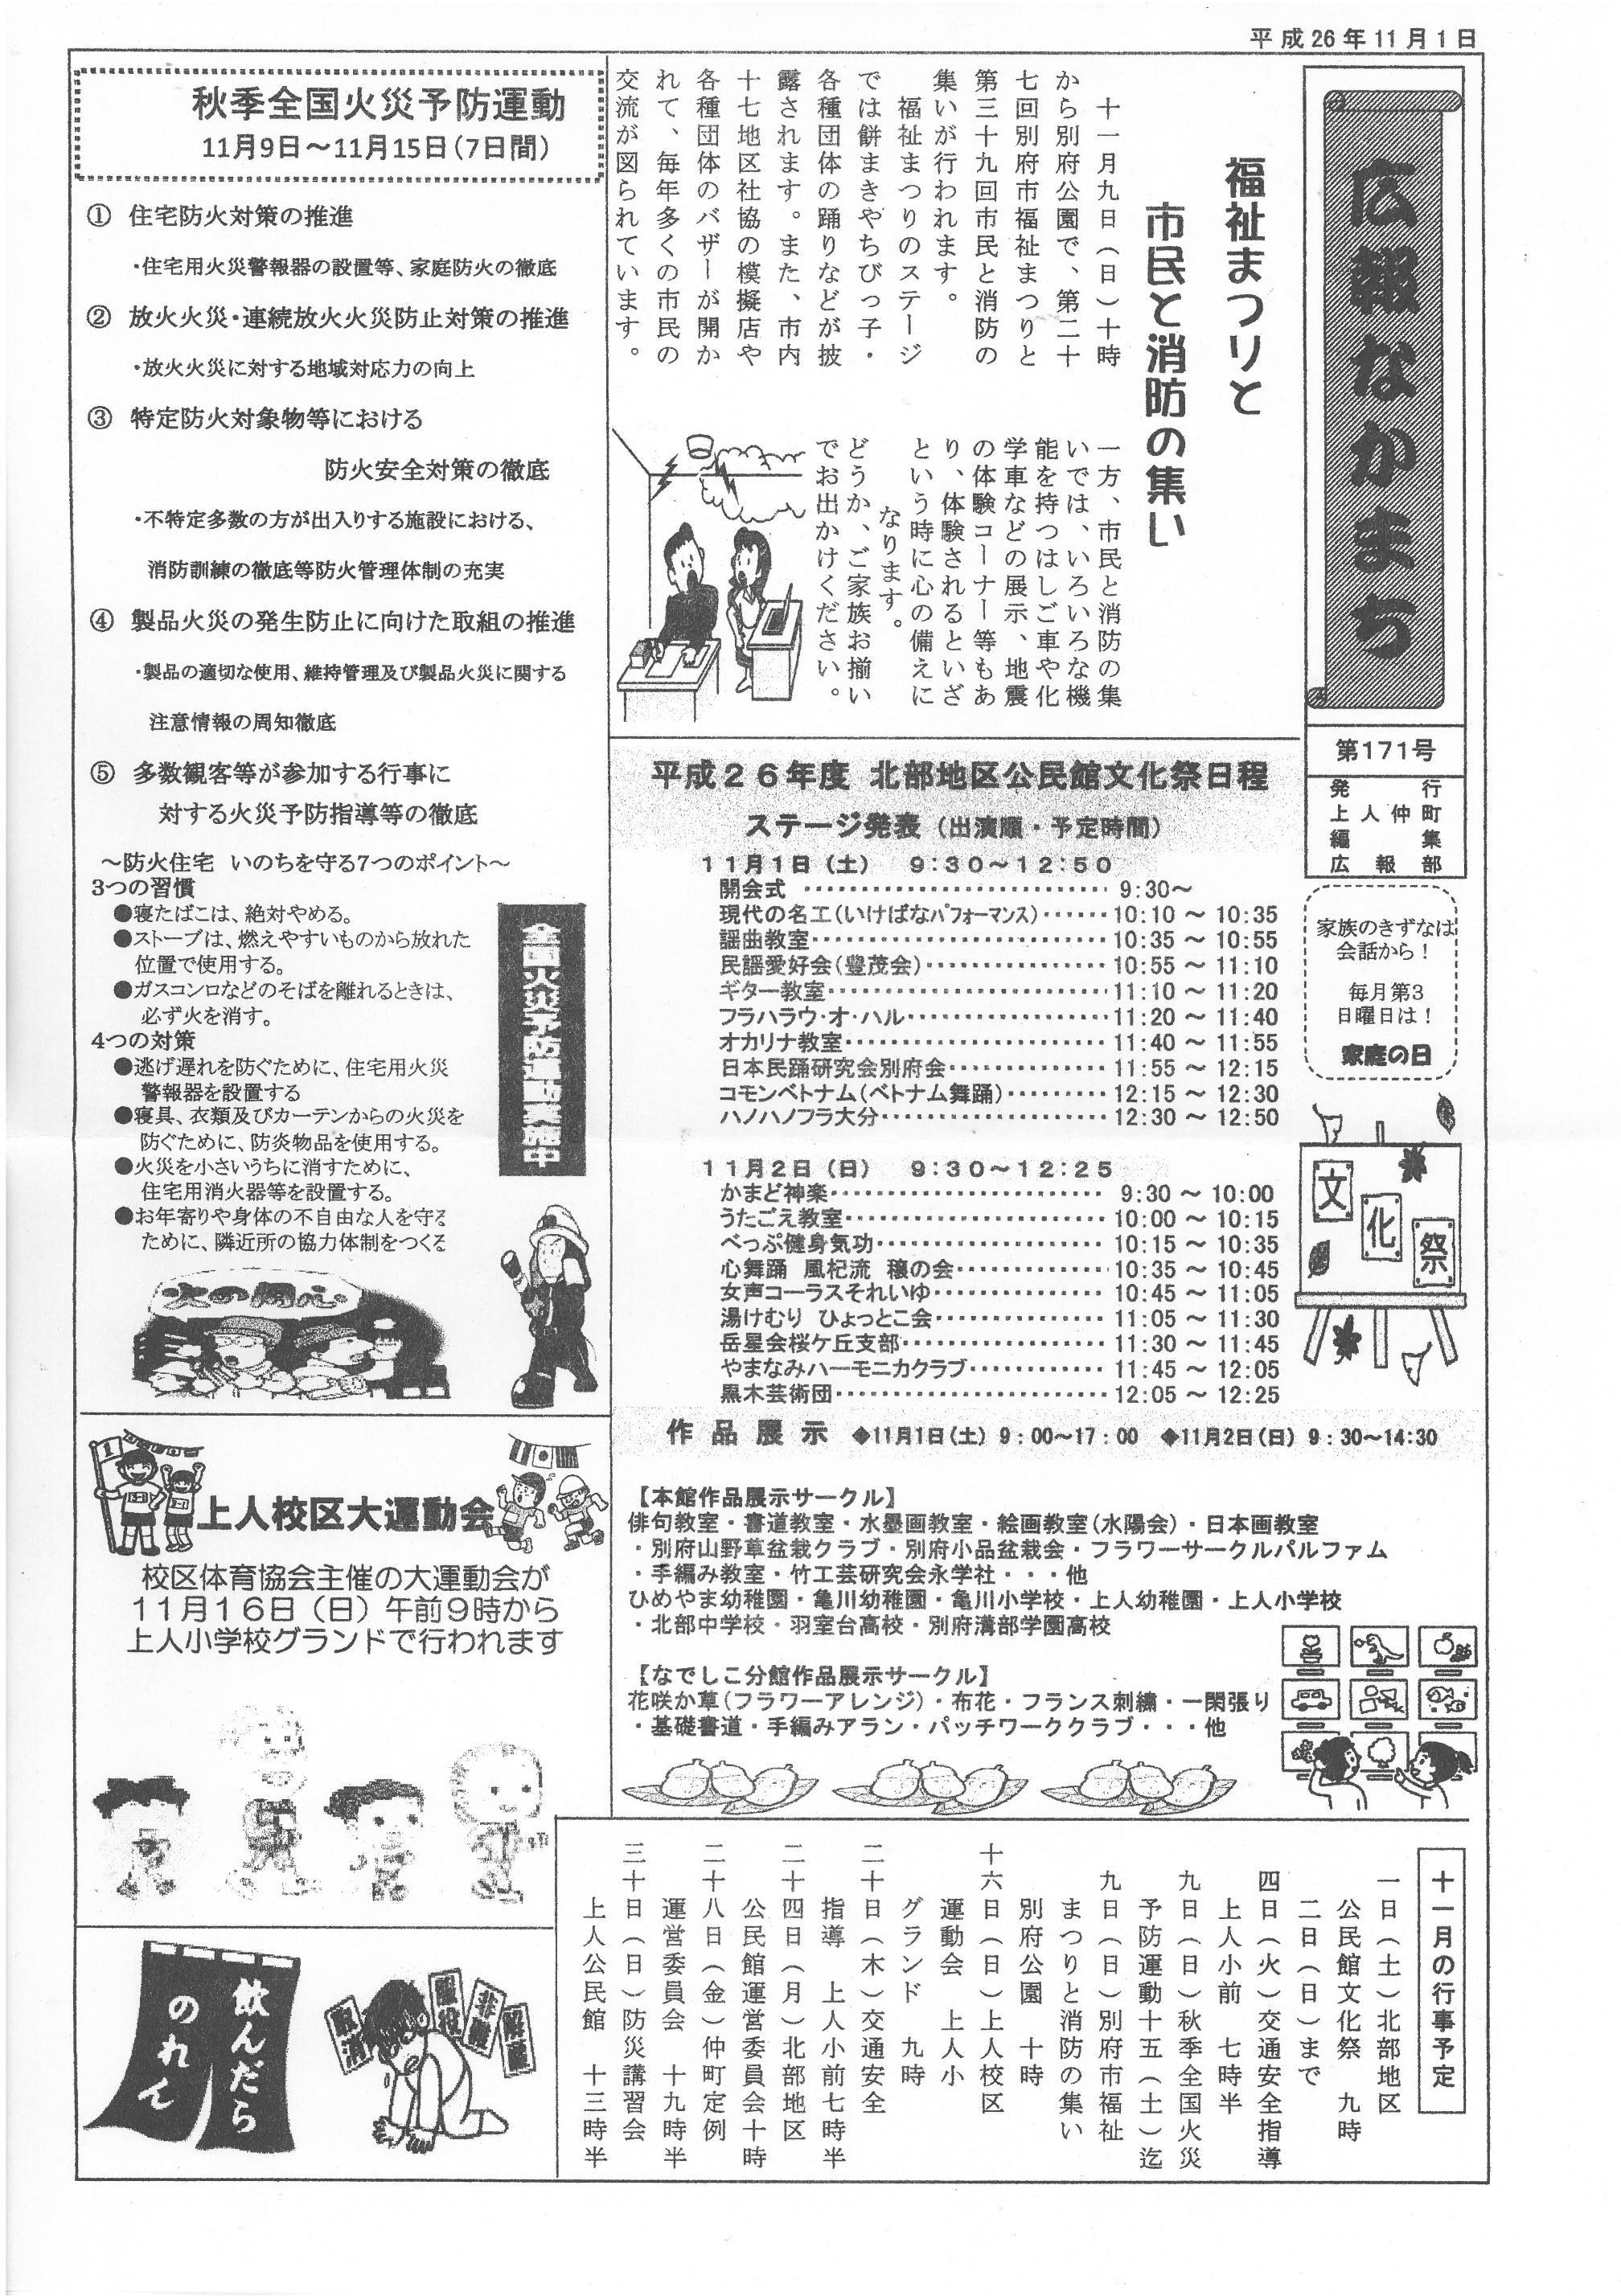 kohonakamachi2014_11